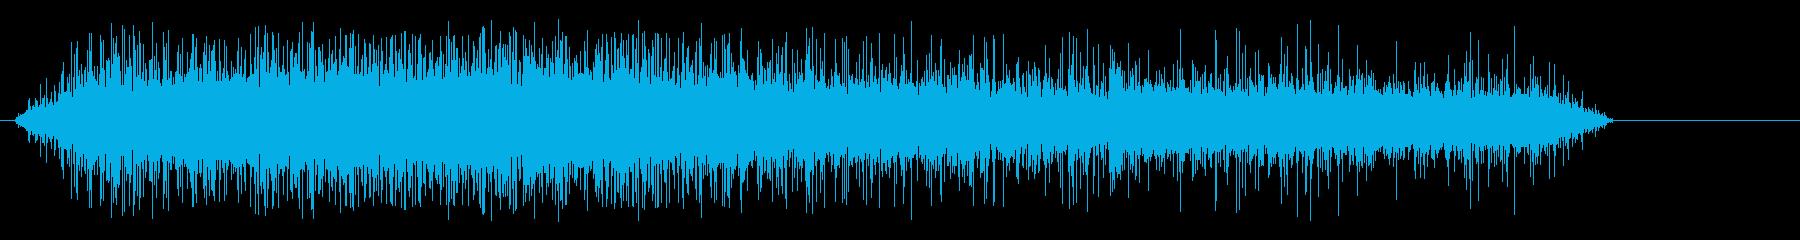 録音、料理、強火で油がジュージューする音の再生済みの波形